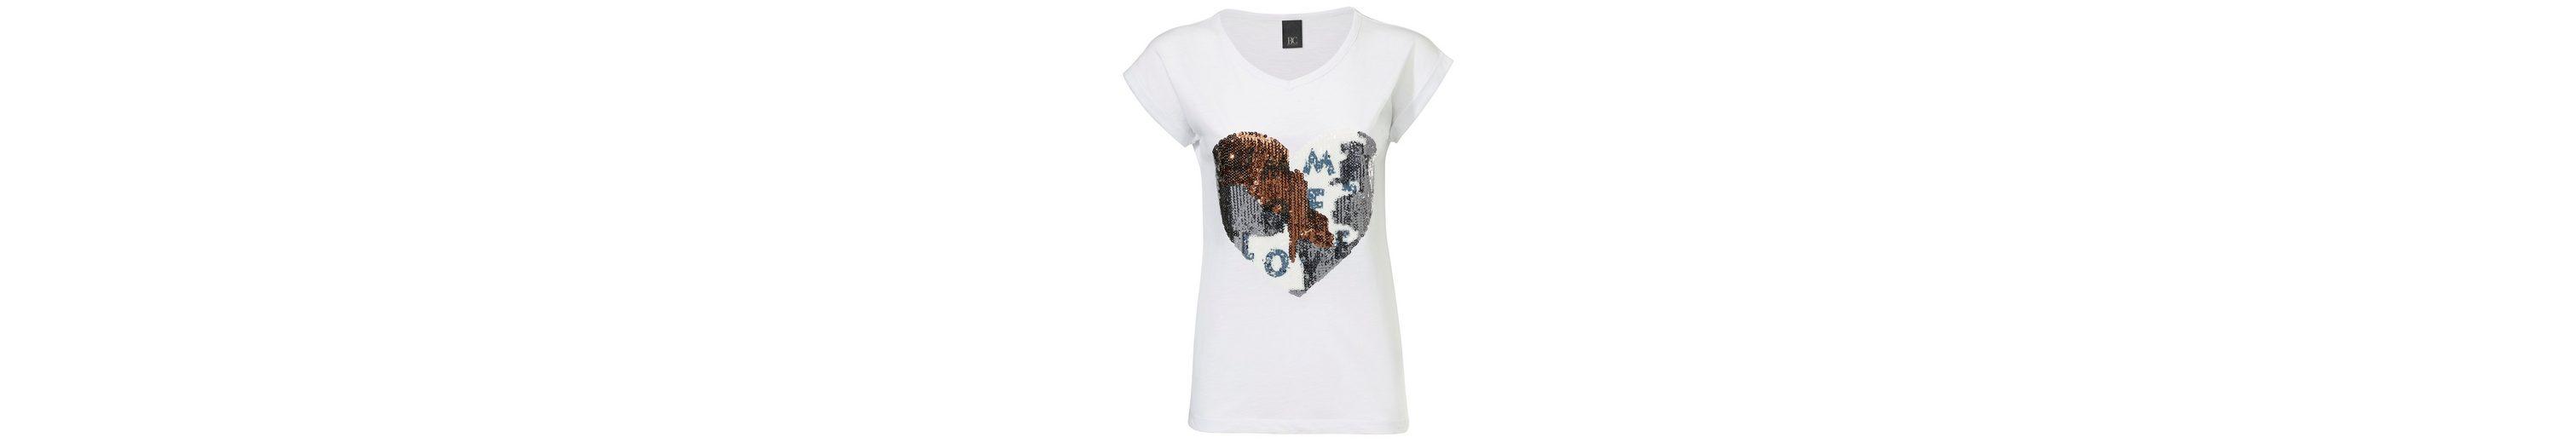 Verkaufskosten Verschleißfestigkeit B.C. BEST CONNECTIONS by Heine V-Shirt mit Mustermix Nicekicks Günstigen Preis Marktfähig u9Jkd